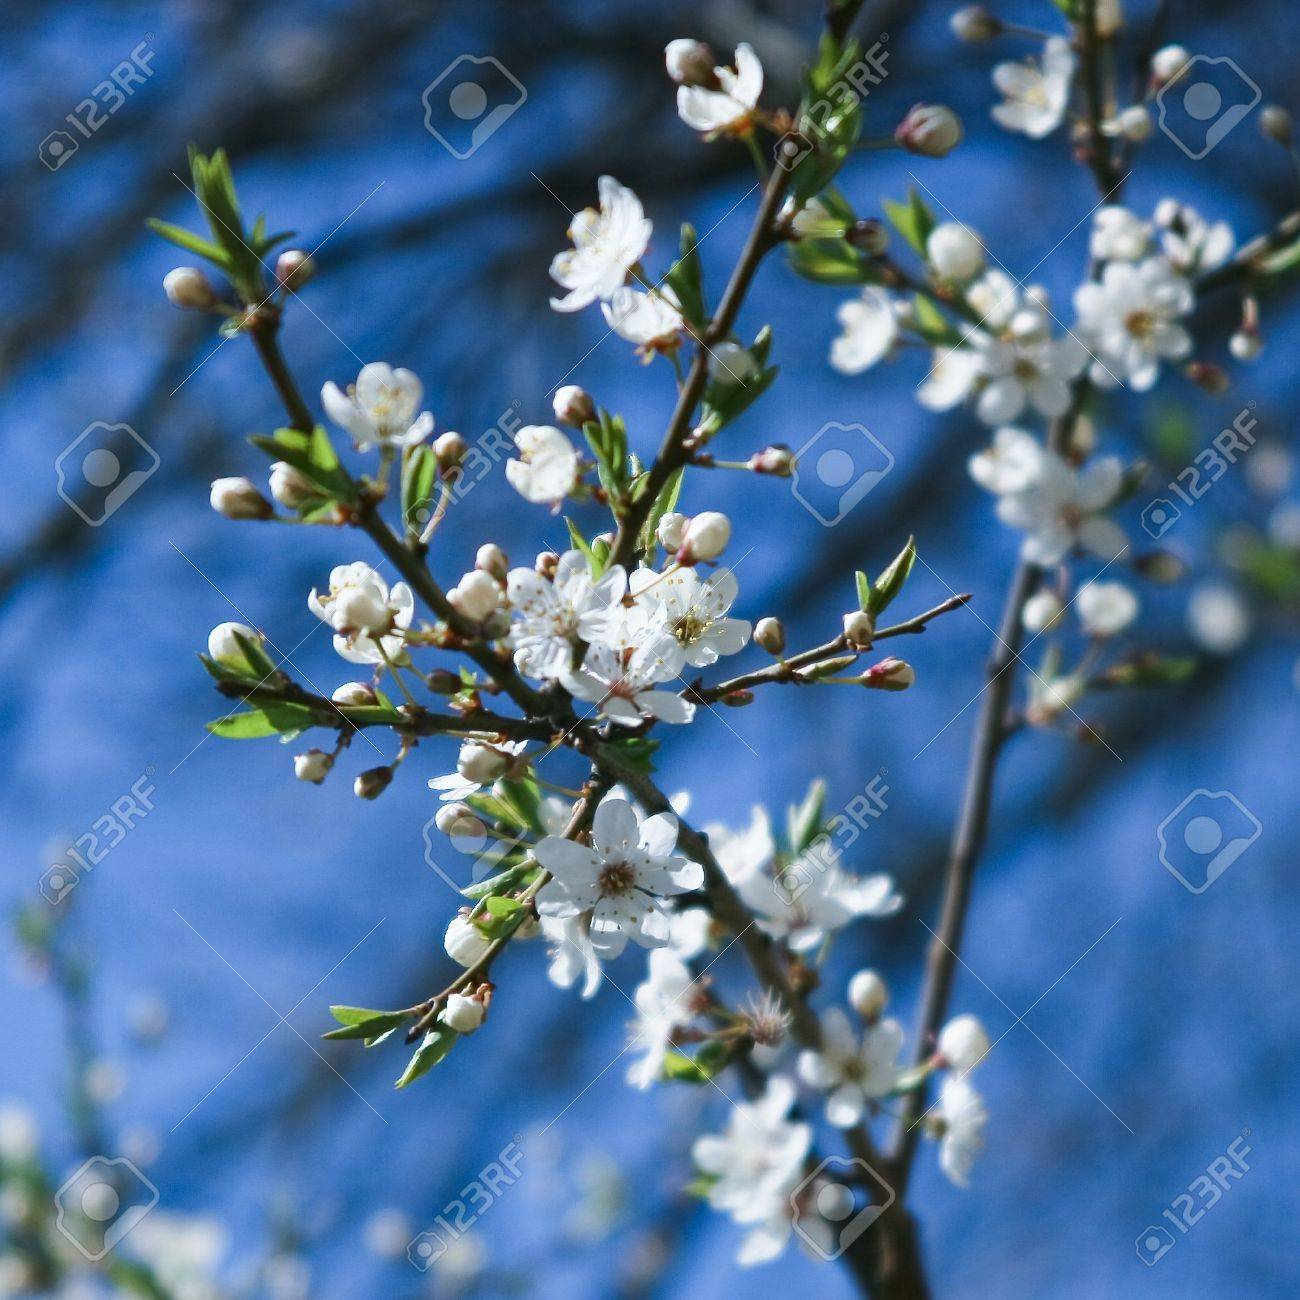 Fleur De Cerisier Blanc En Journ E Ensoleill E De Printemps Banque D